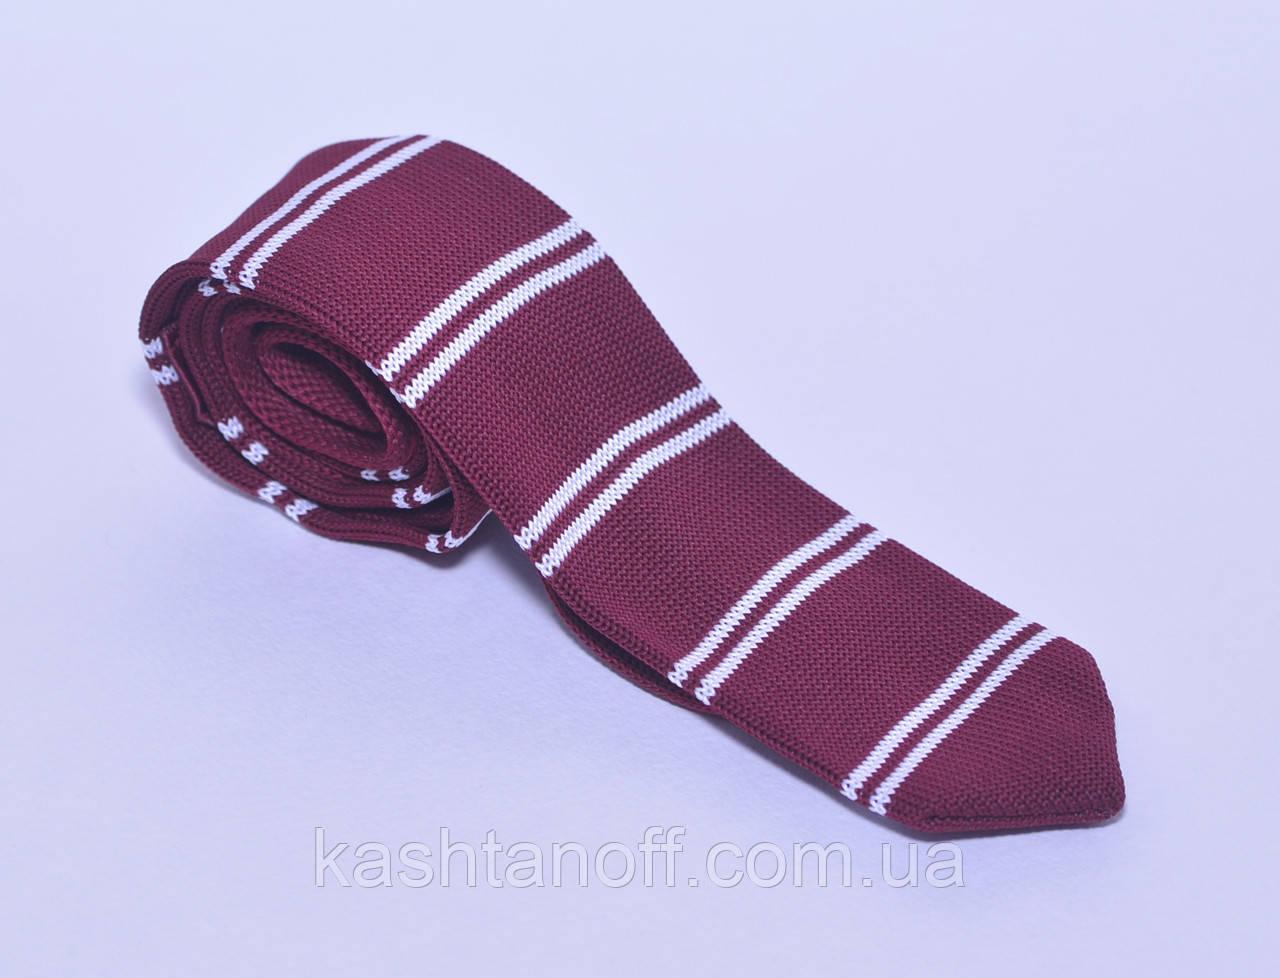 Бордовый вязанный галстук в белую полоску